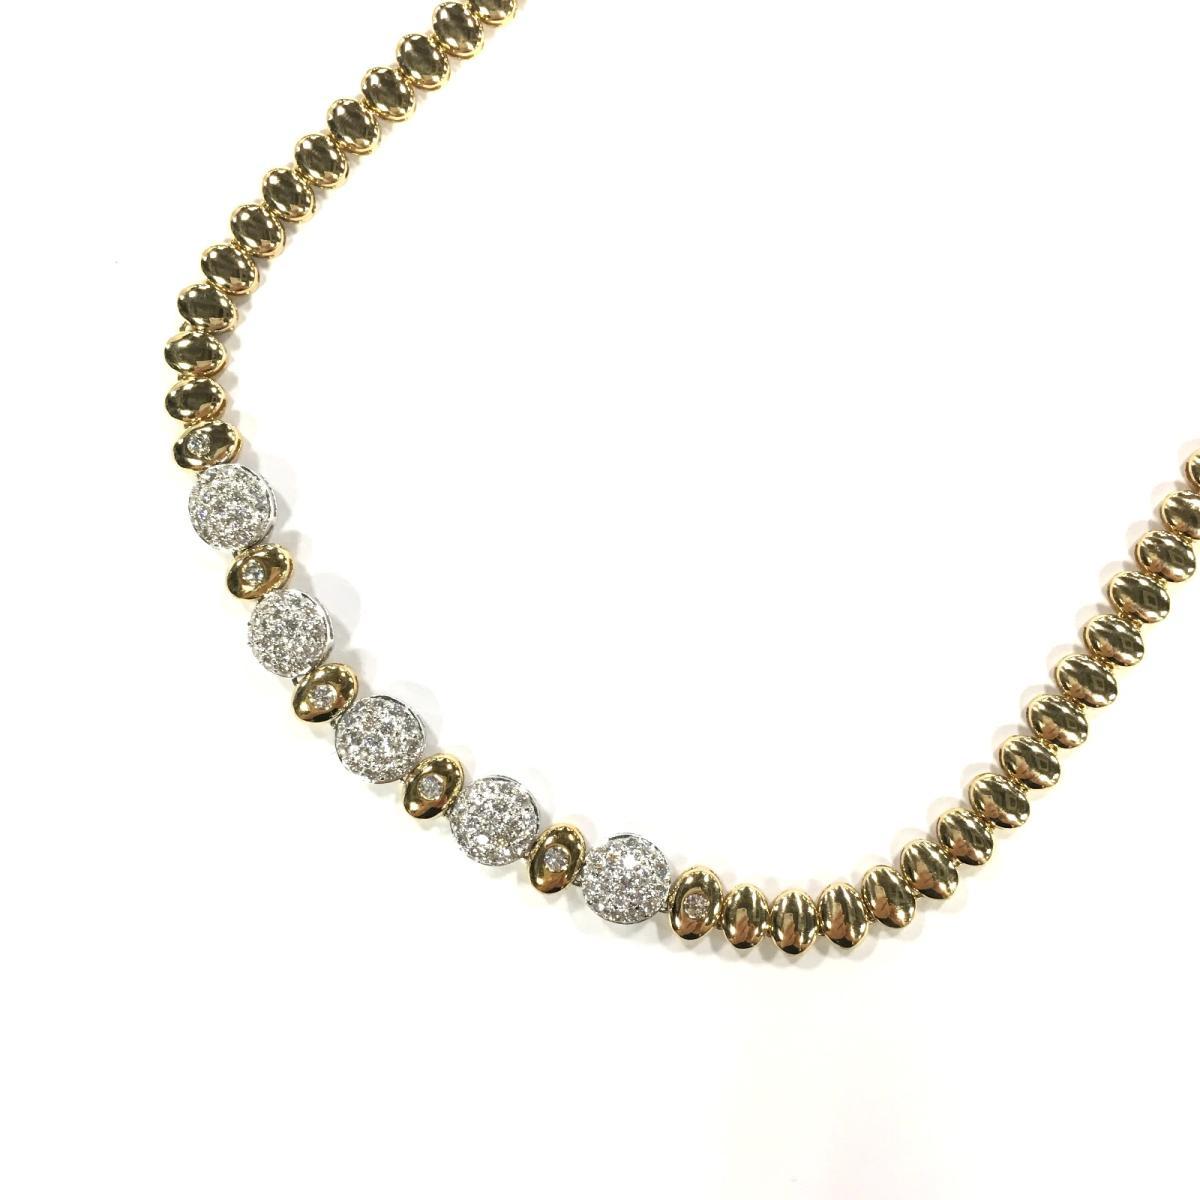 【中古】 ジュエリー ダイヤモンド ネックレス レディース K18YG (750) イエローゴールド x ダイヤモンド1.76ct ゴールド | JEWELRY BRANDOFF ブランドオフ ブランド アクセサリー ペンダント